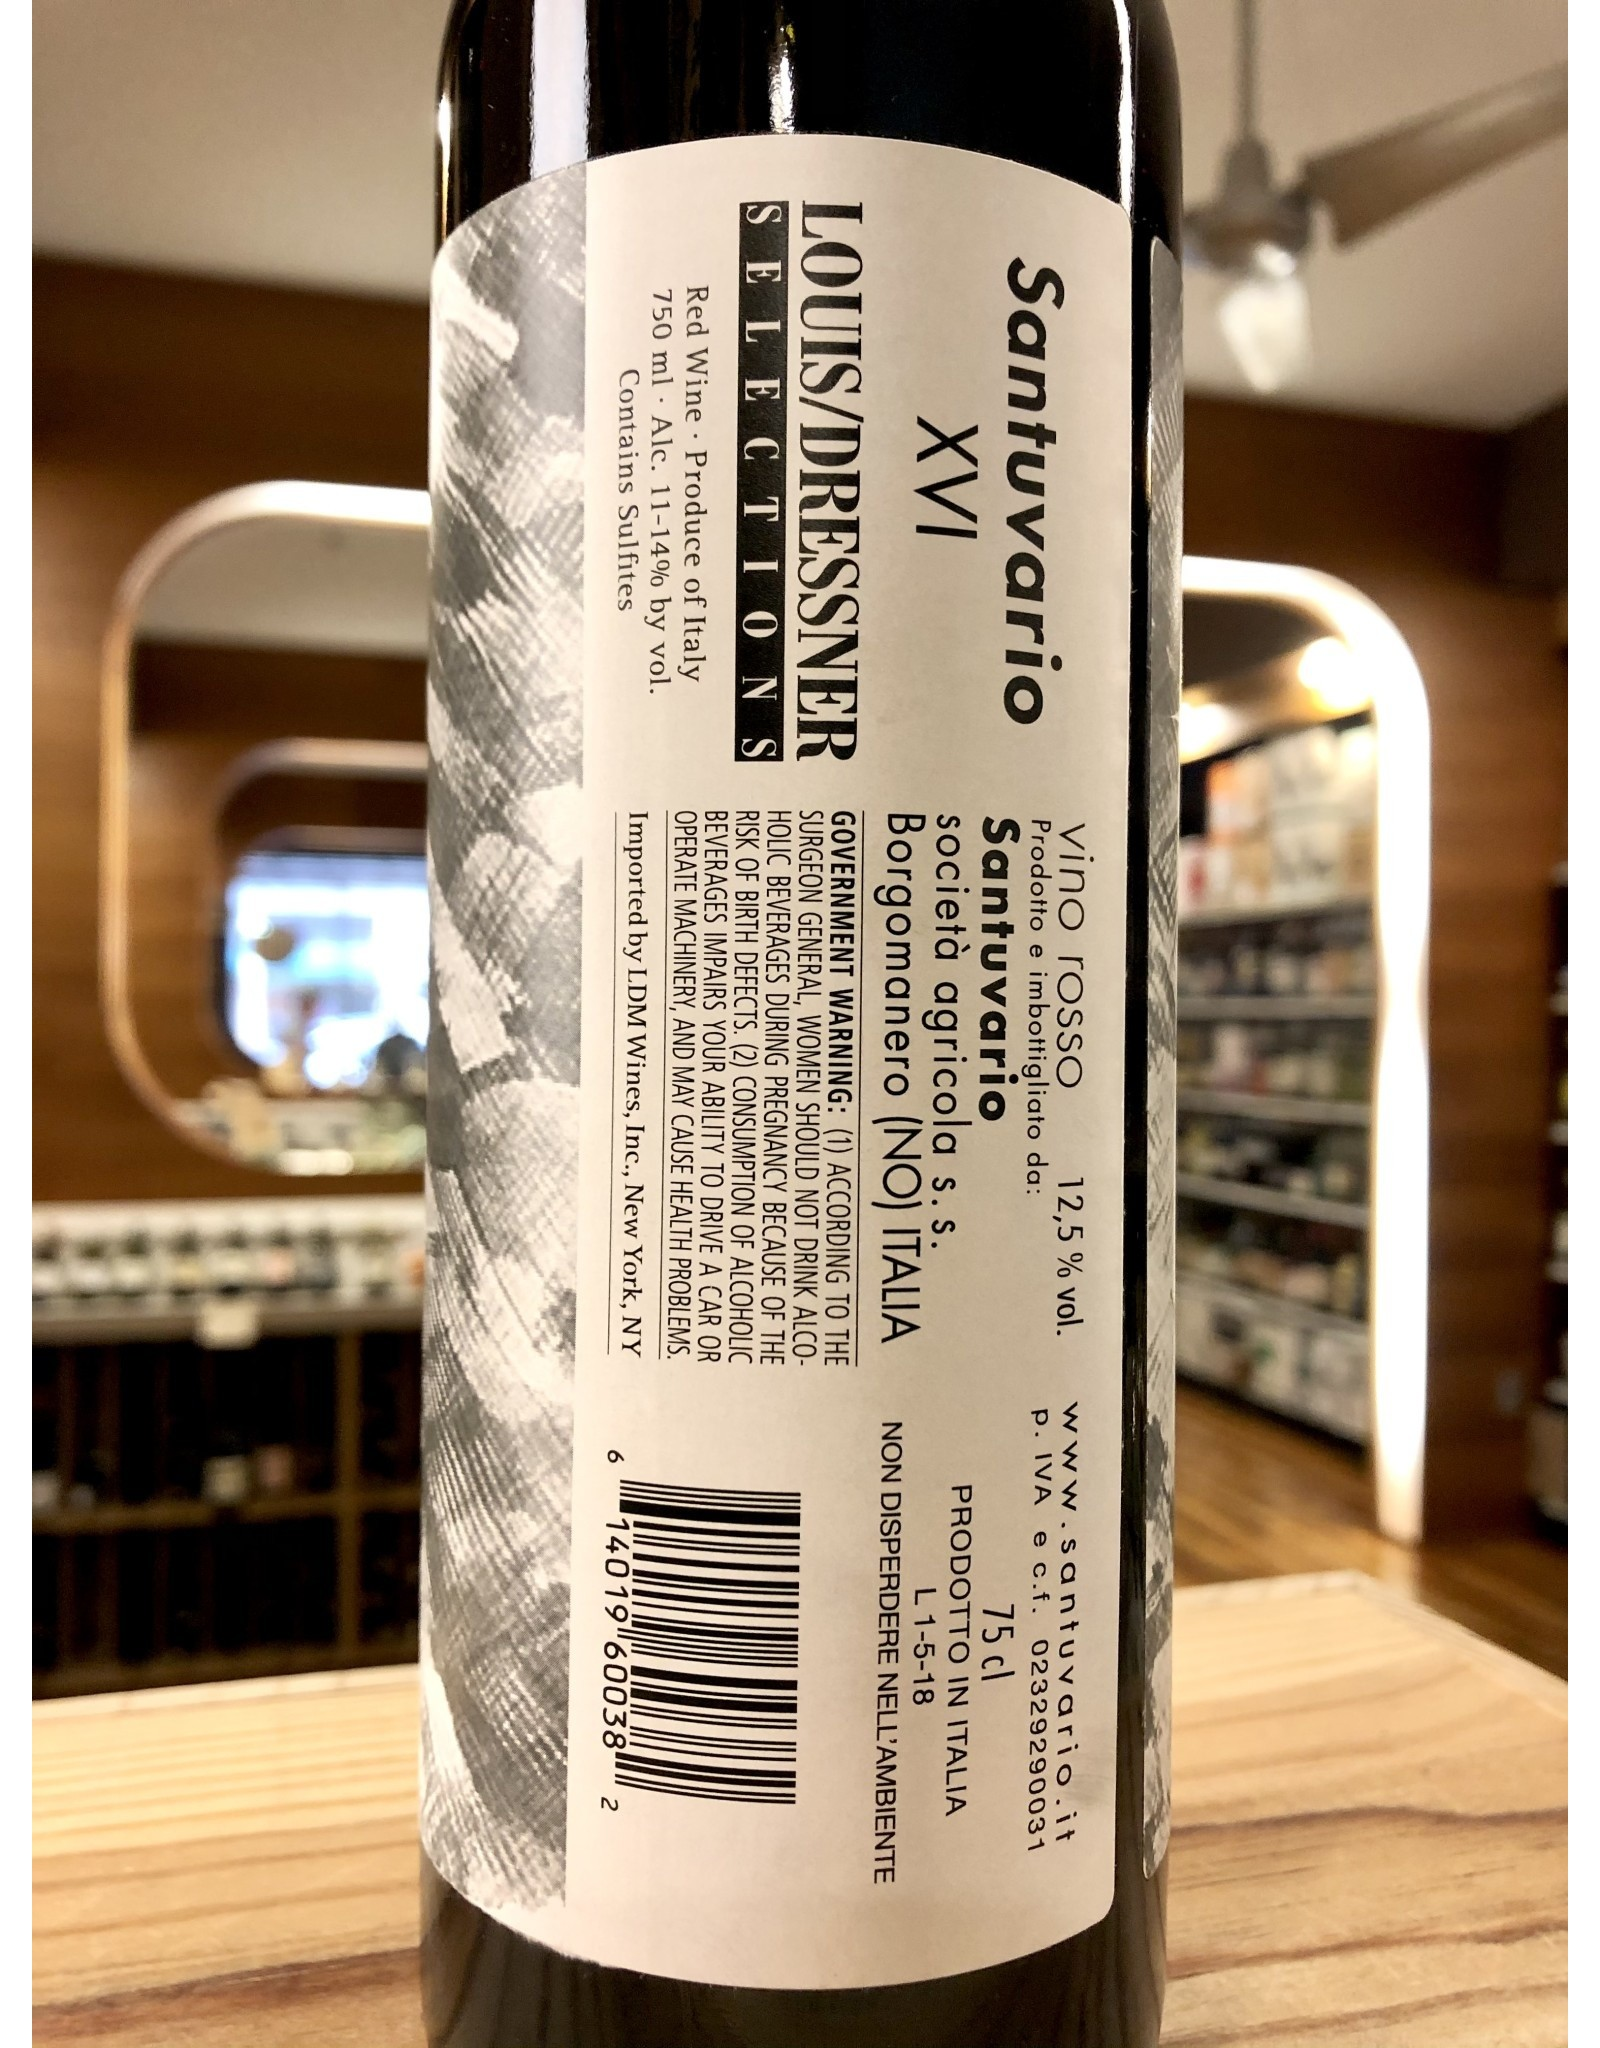 Santuvario Vino Rosso - 750 ML